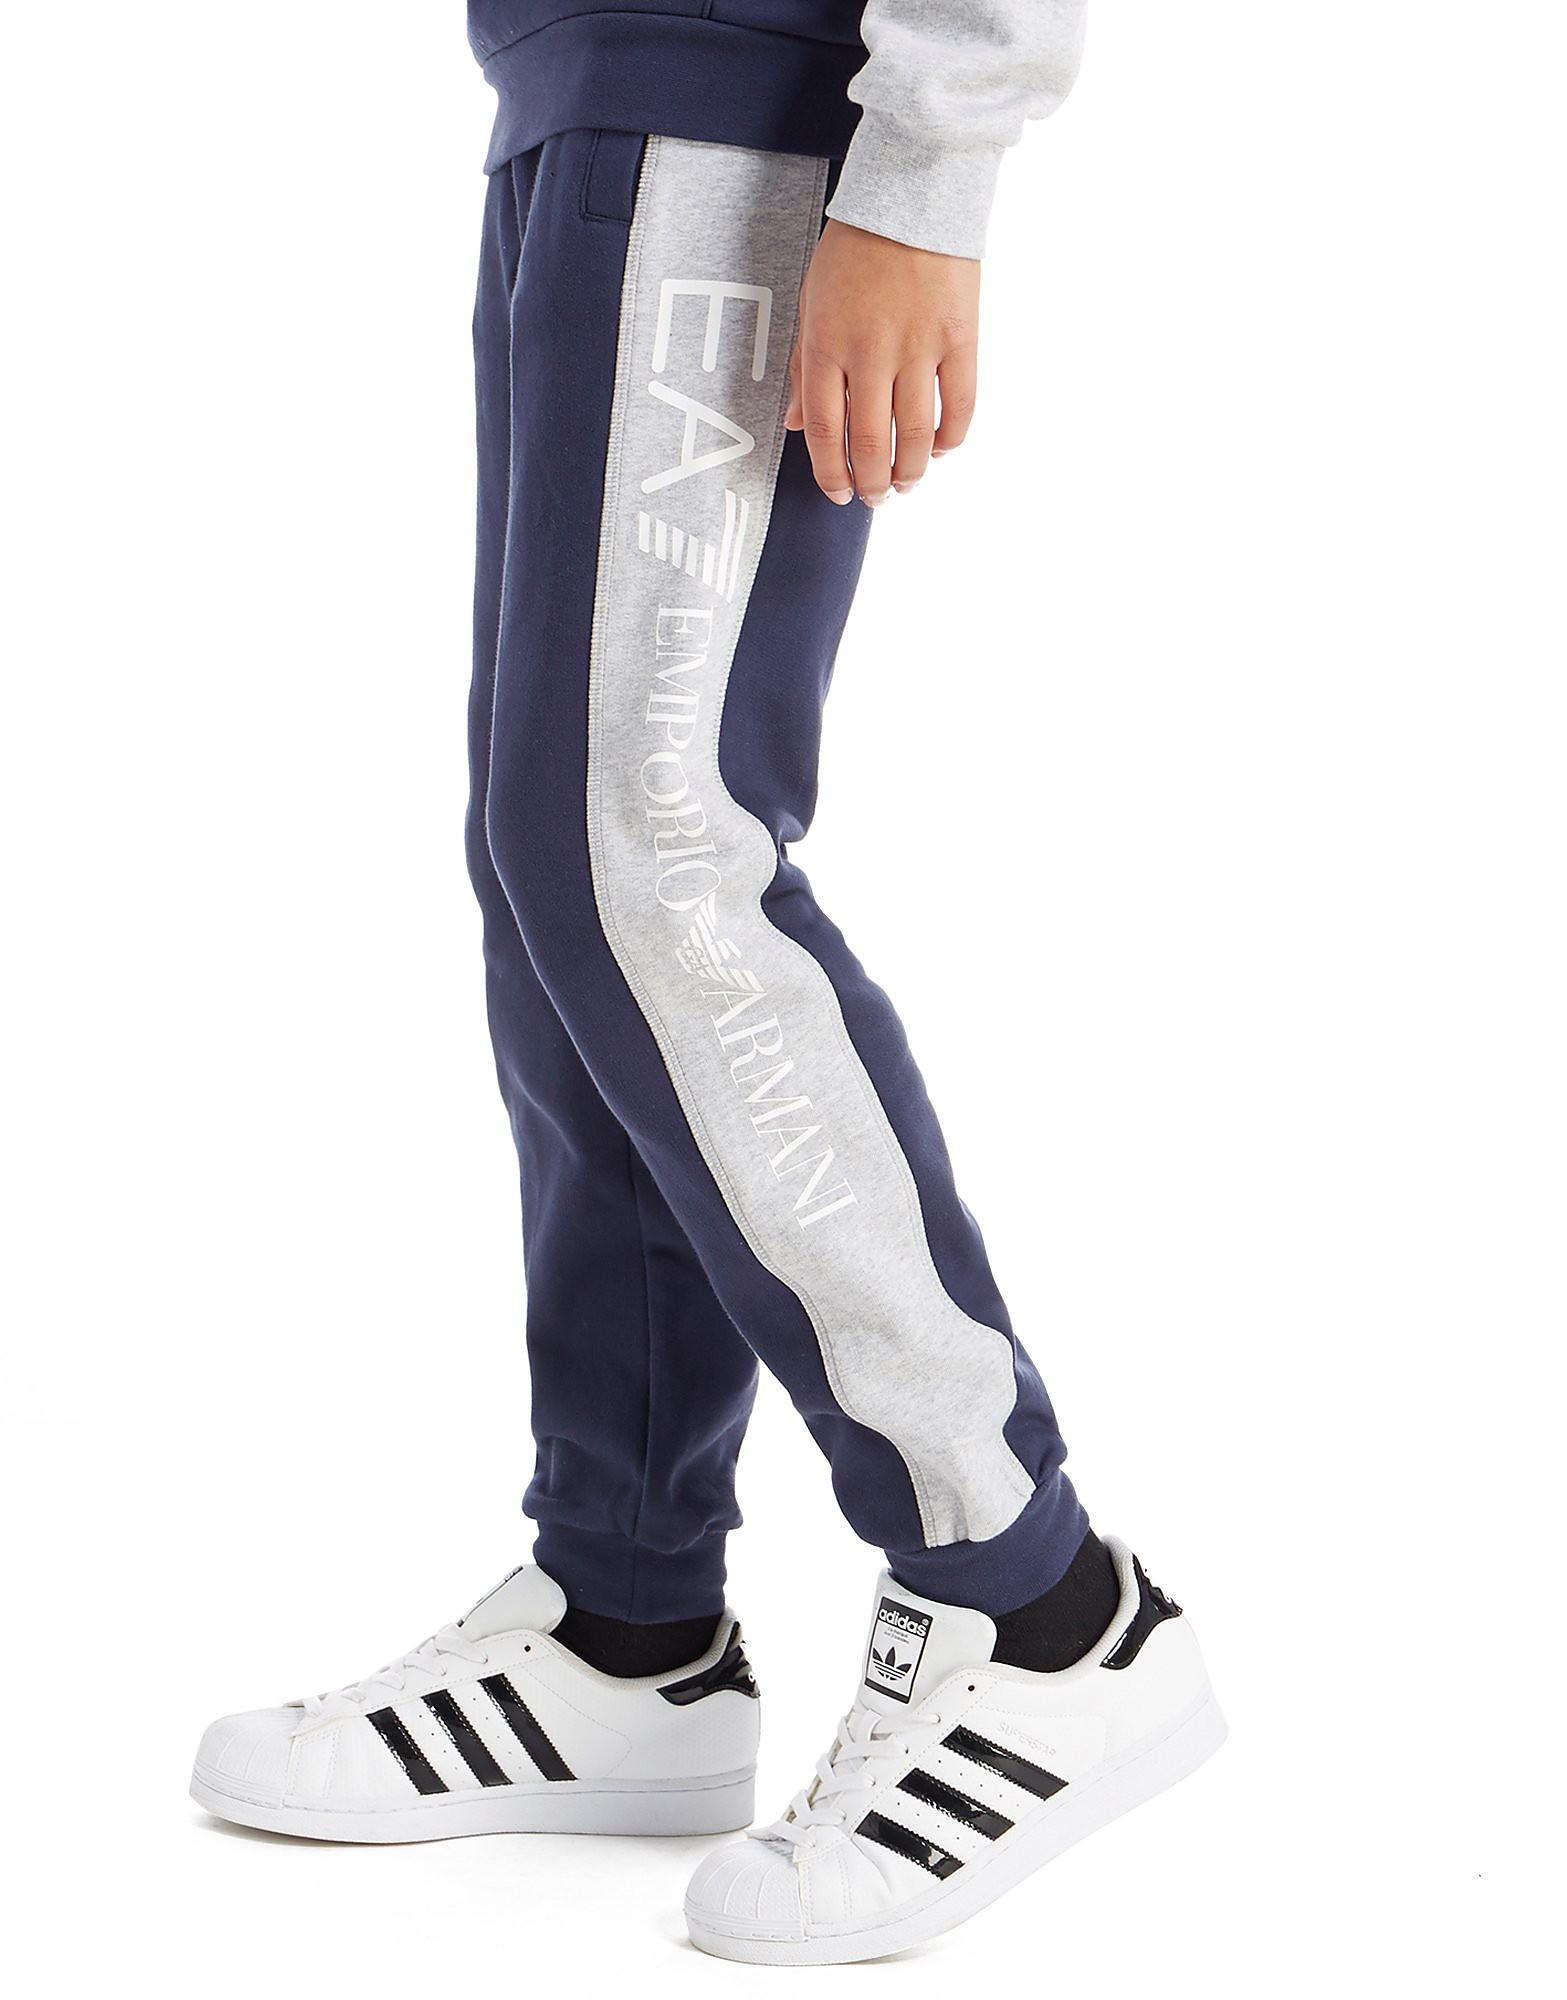 Emporio Armani EA7 pantalón Panel Fleece júnior